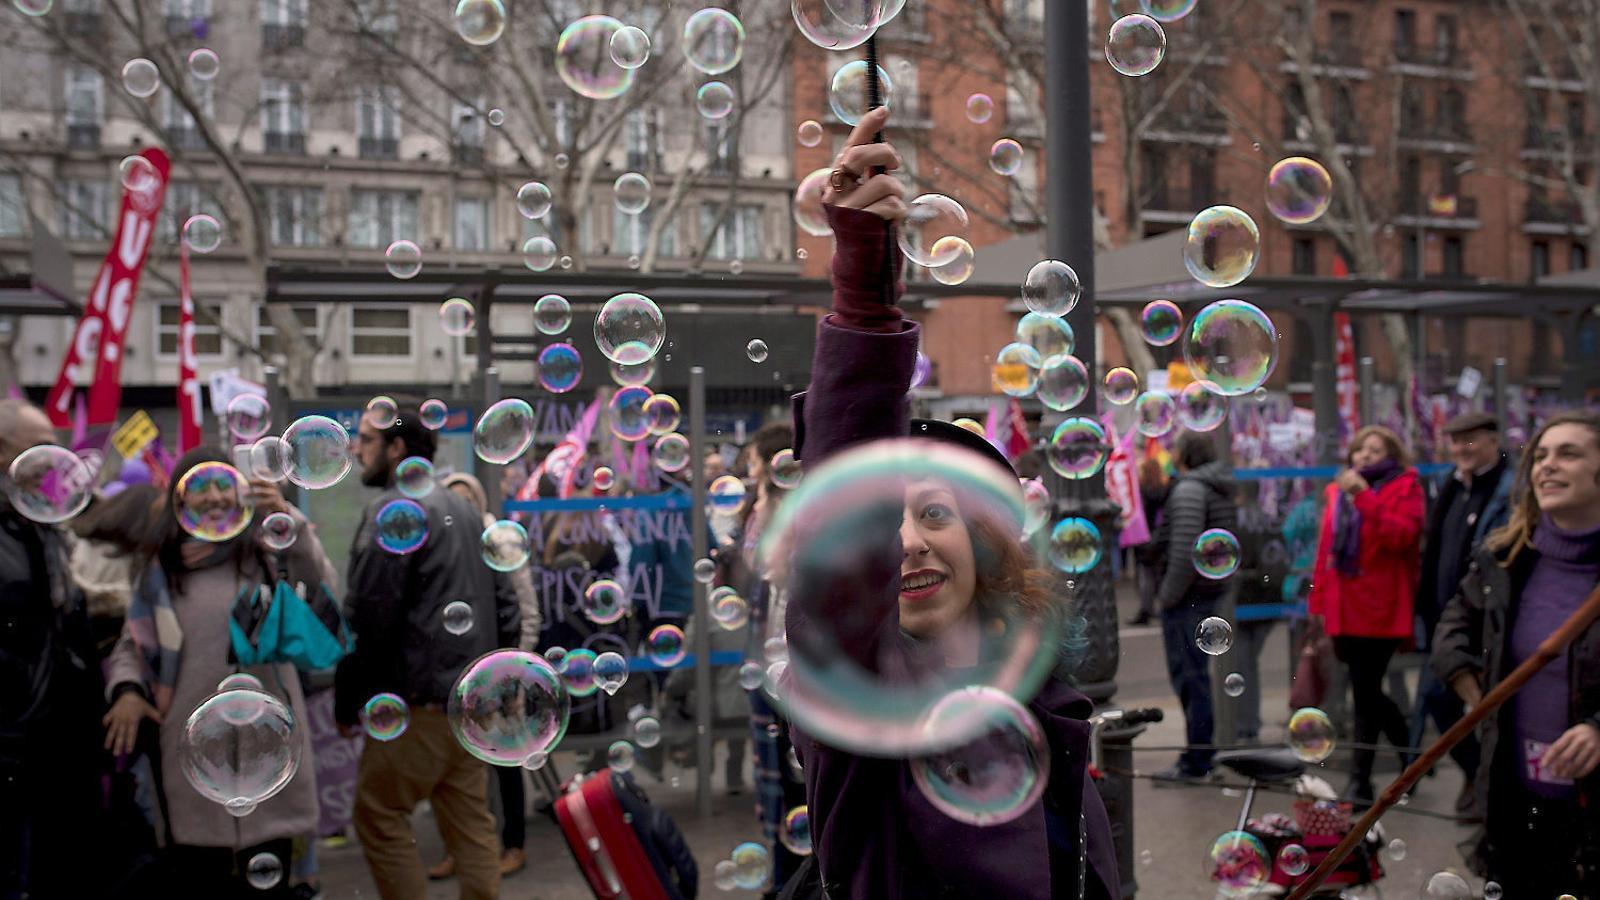 Les protestes d'ahir a Madrid van tenir tant un marcat accent festiu com una forta càrrega reivindicativa per la igualtat.